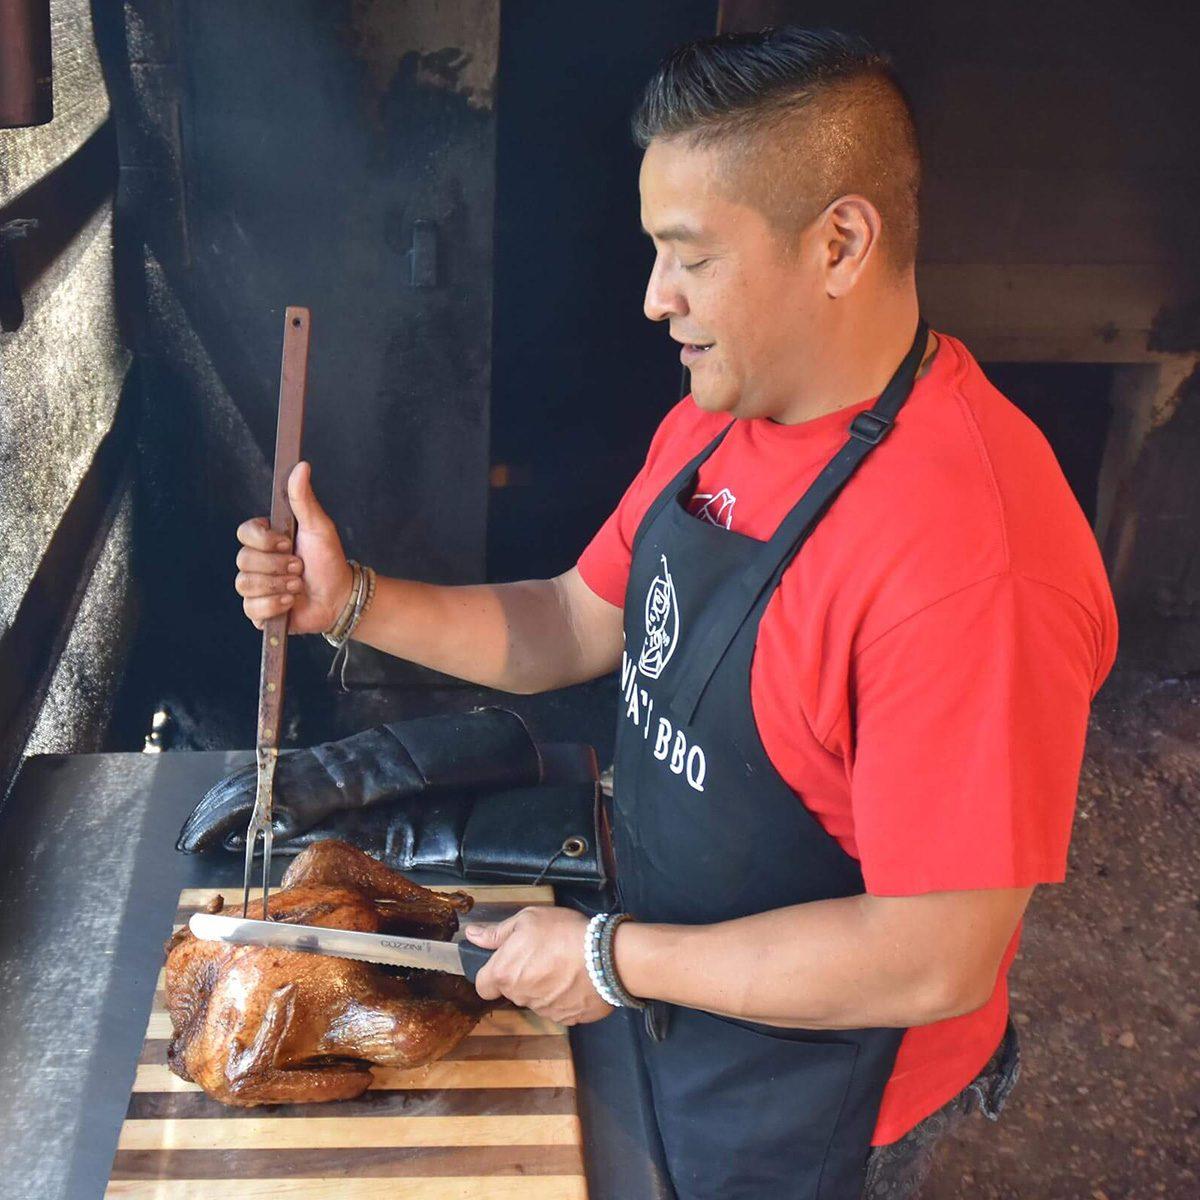 CHEF ADRIAN DAVILA slicing a turkey